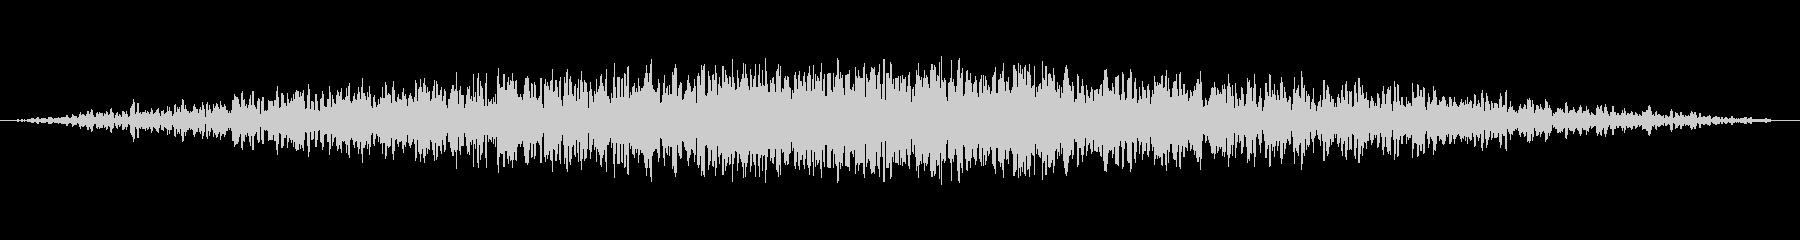 未知の領域1の未再生の波形